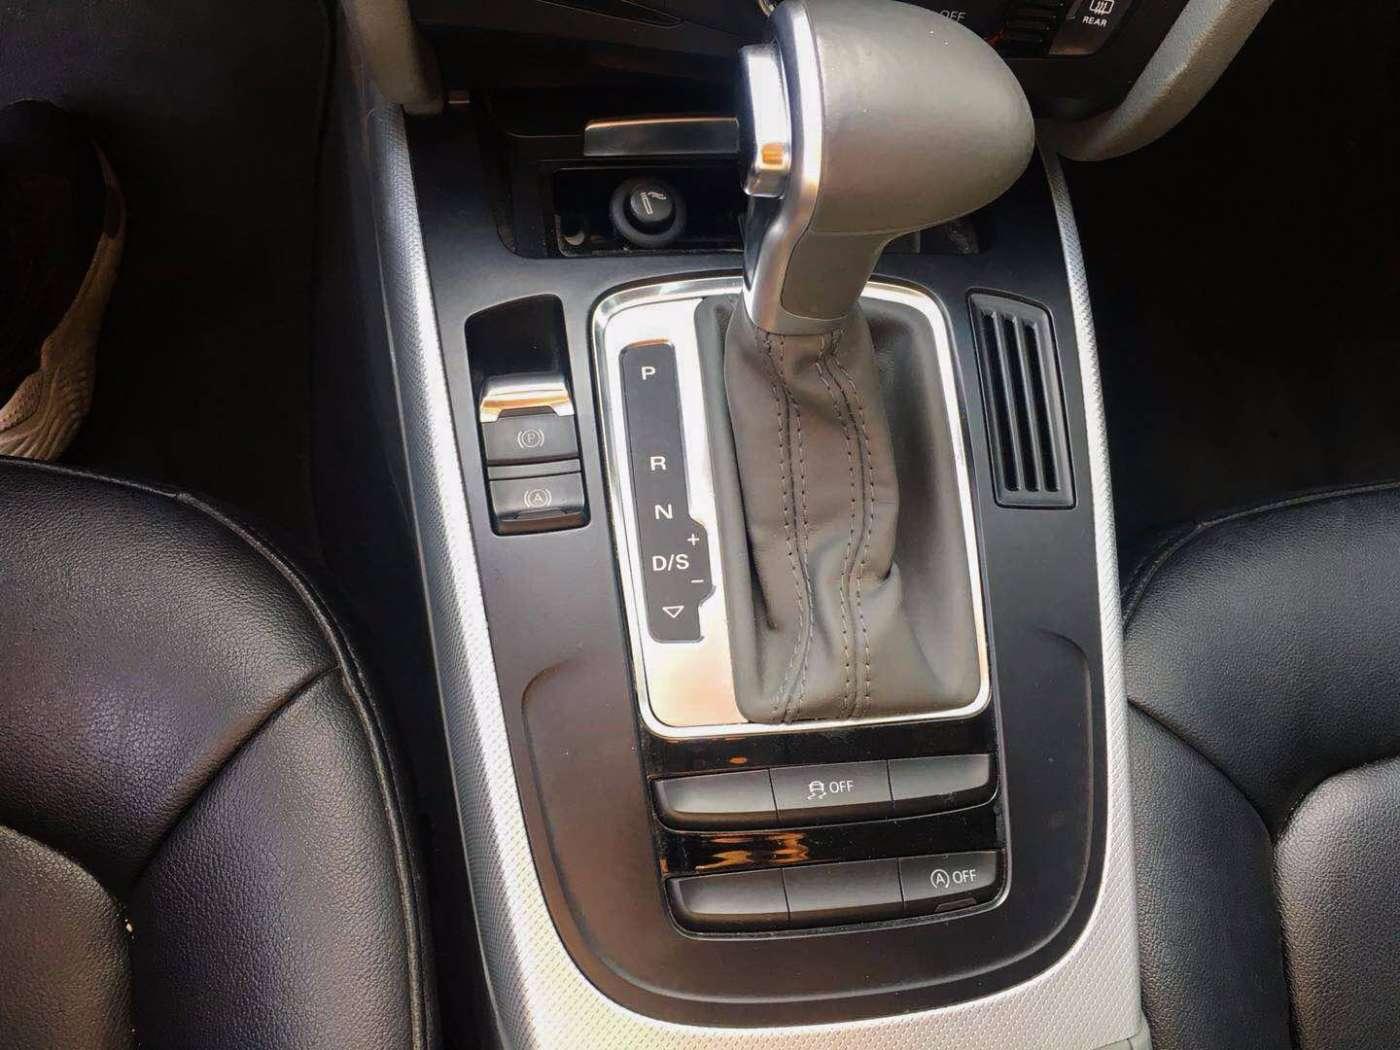 2016年02月 奥迪A4L 2015款 35 TFSI 自动舒适型 |甄选奥迪-北京卡斯基汽车服务有限公司